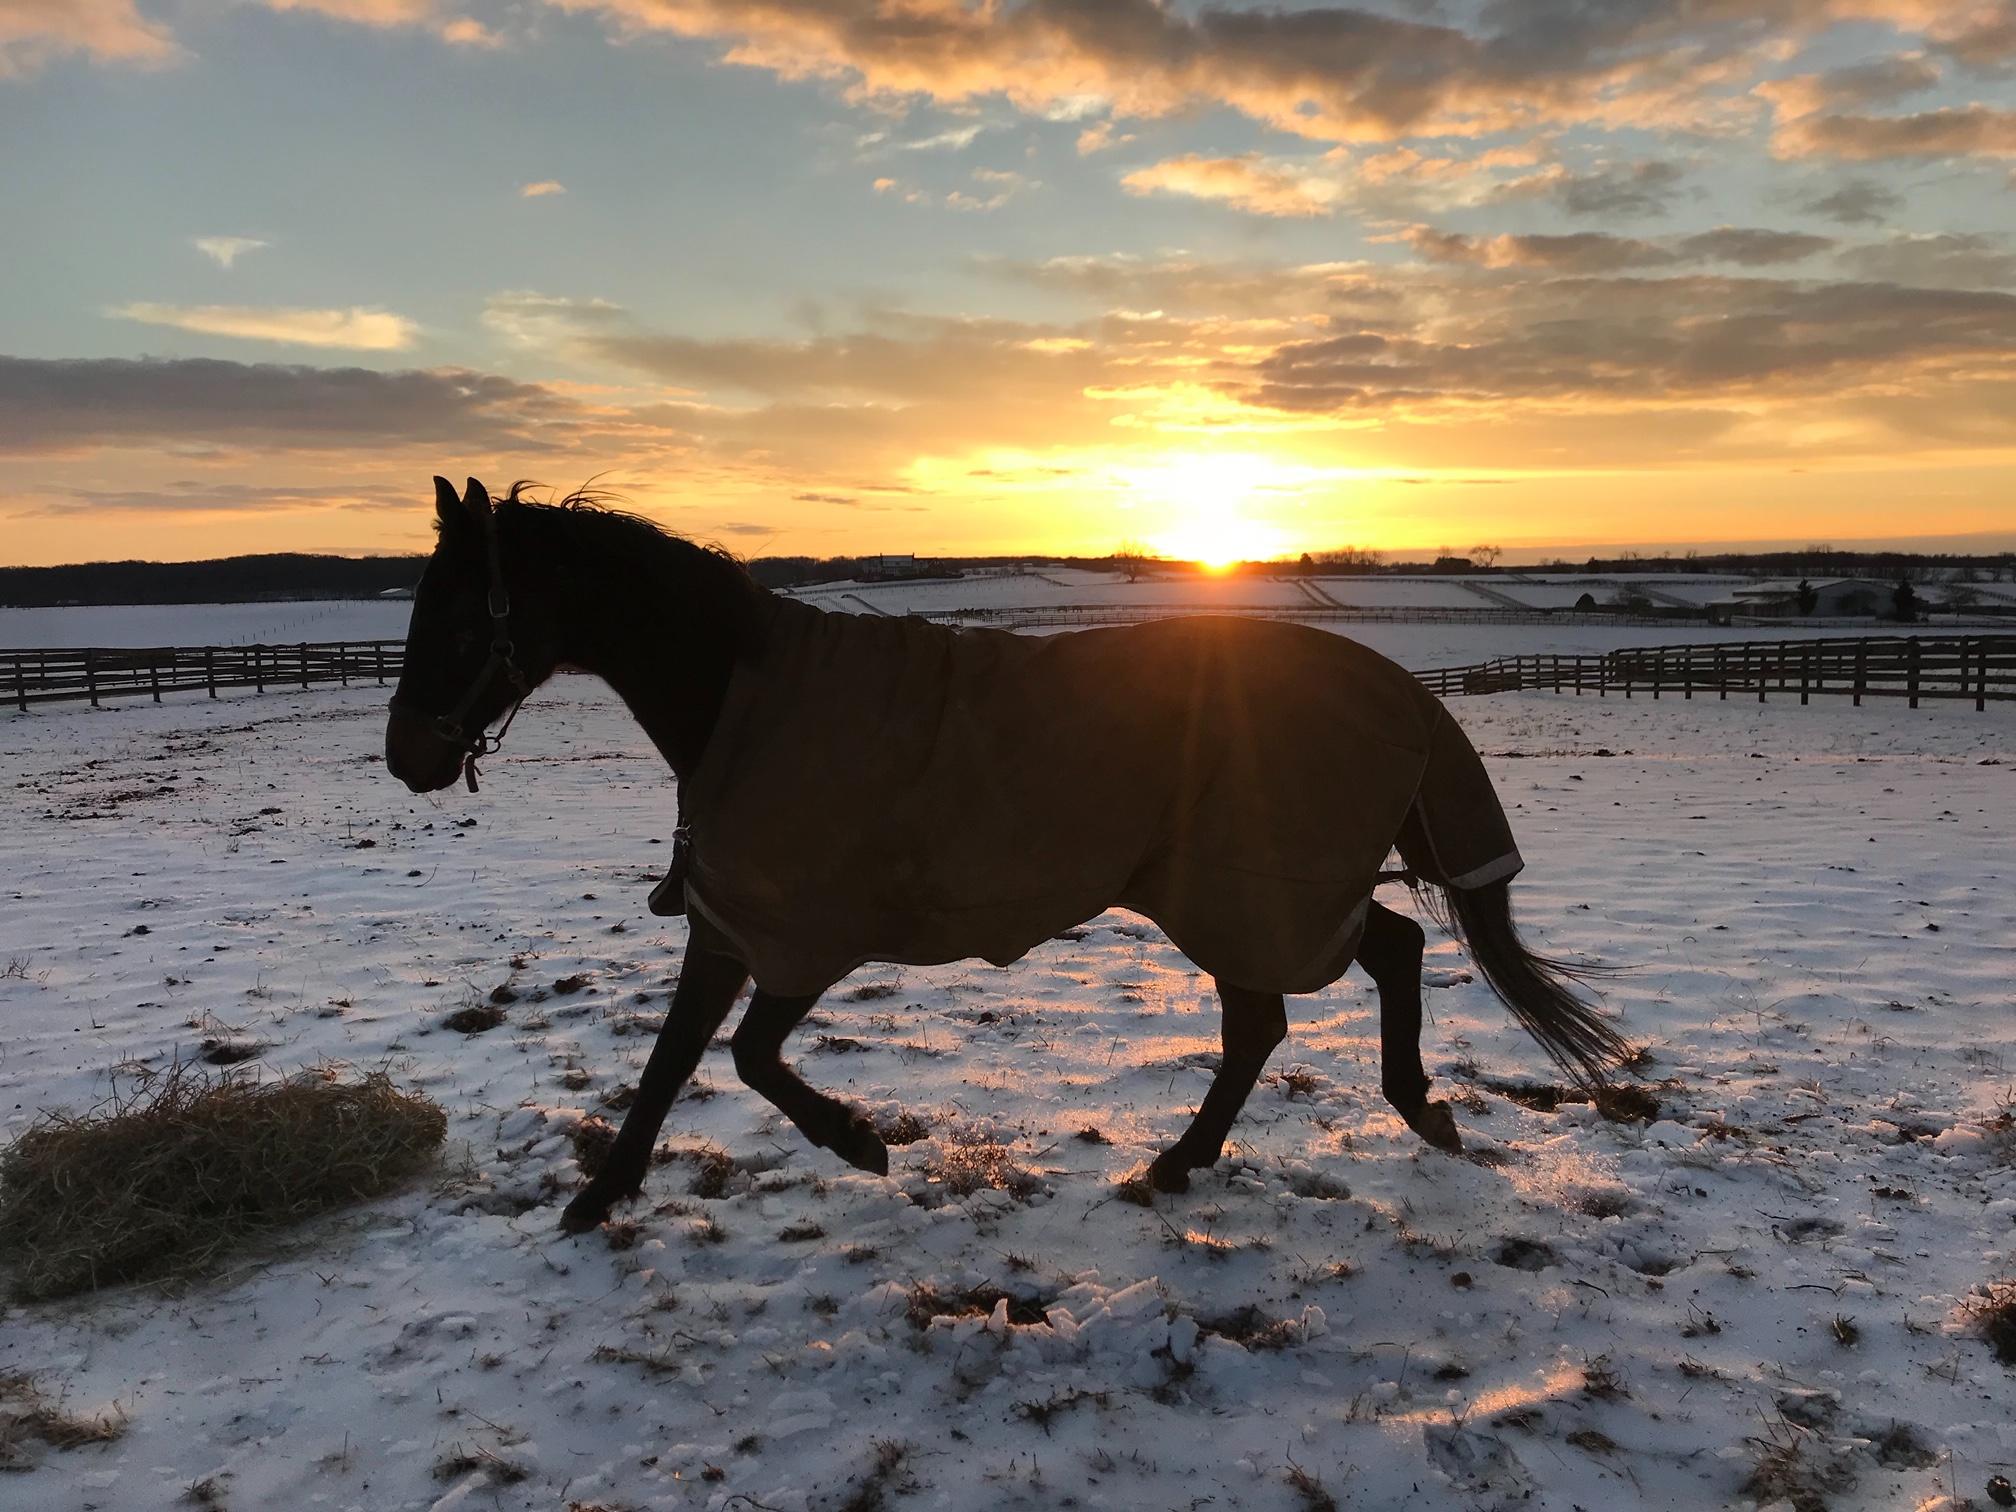 Jack o' Lantern feeling frisky on a winter morning at sunrise.